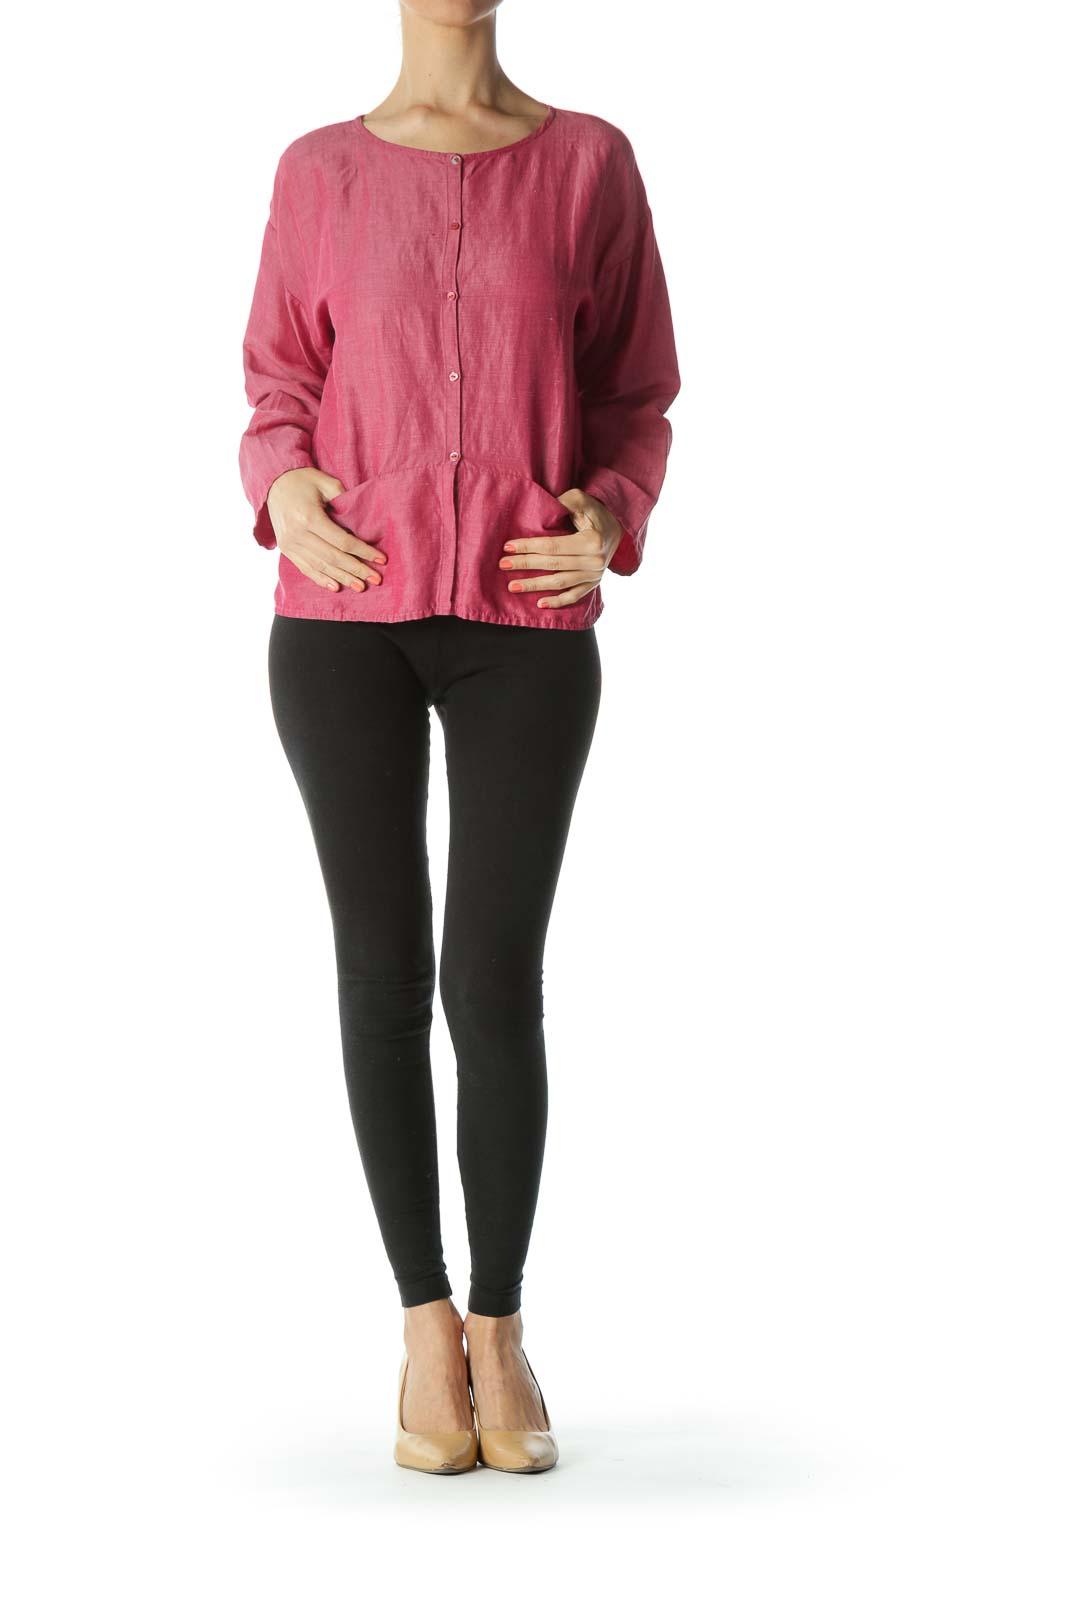 Pink Linen Silk Buttoned Light-Weight Pocketed Knit Top